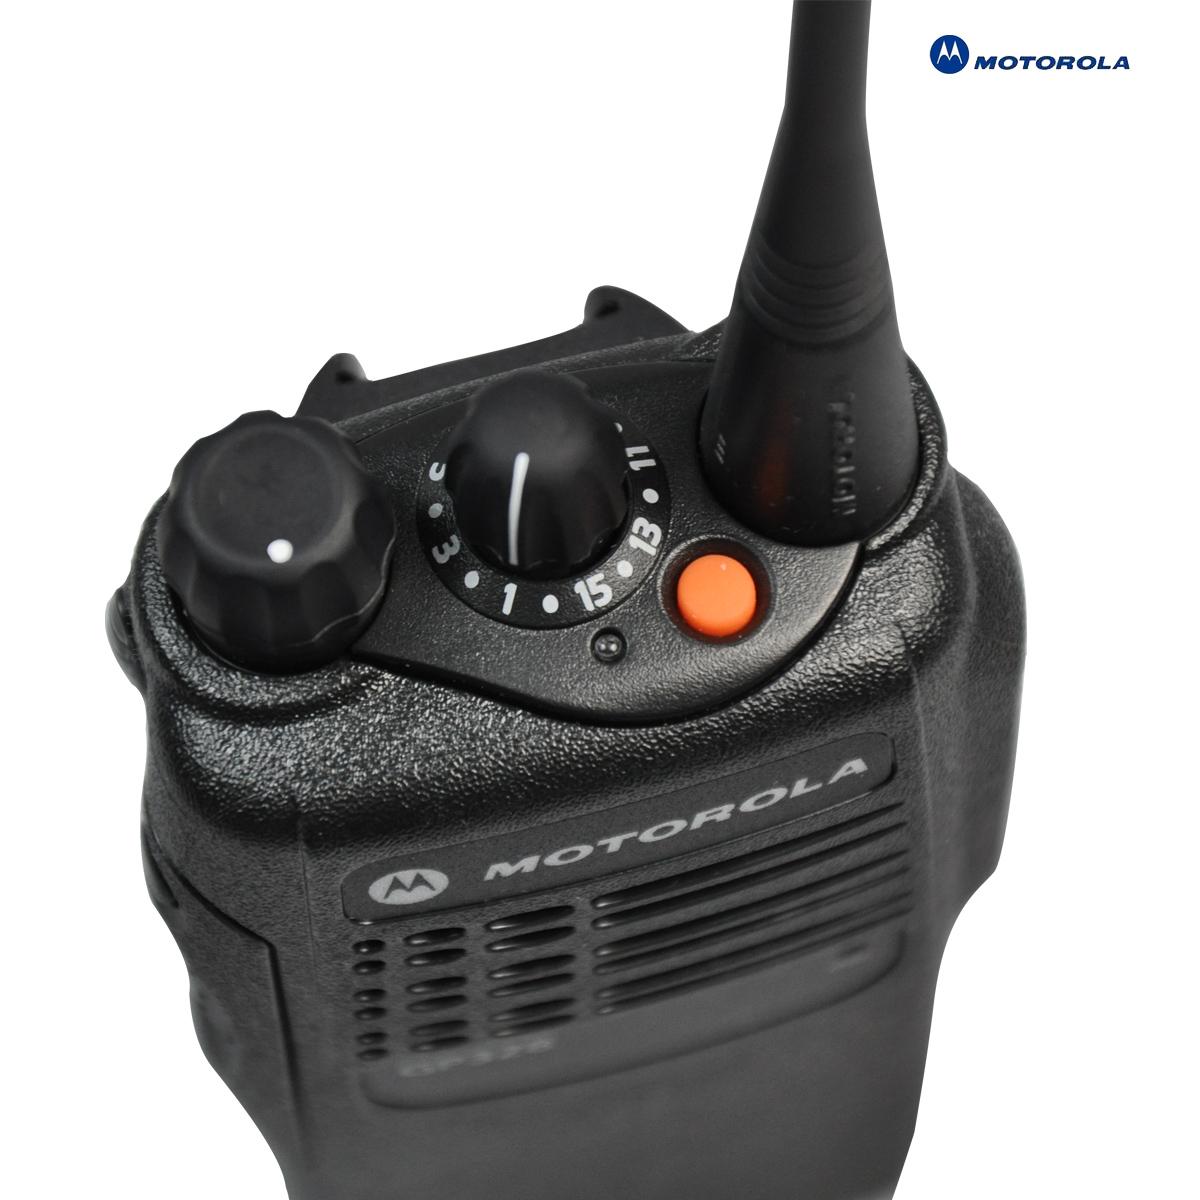 Jual Ht Motorola GP328 Jual Handy Talky Motorola GP 328 Harga Murah